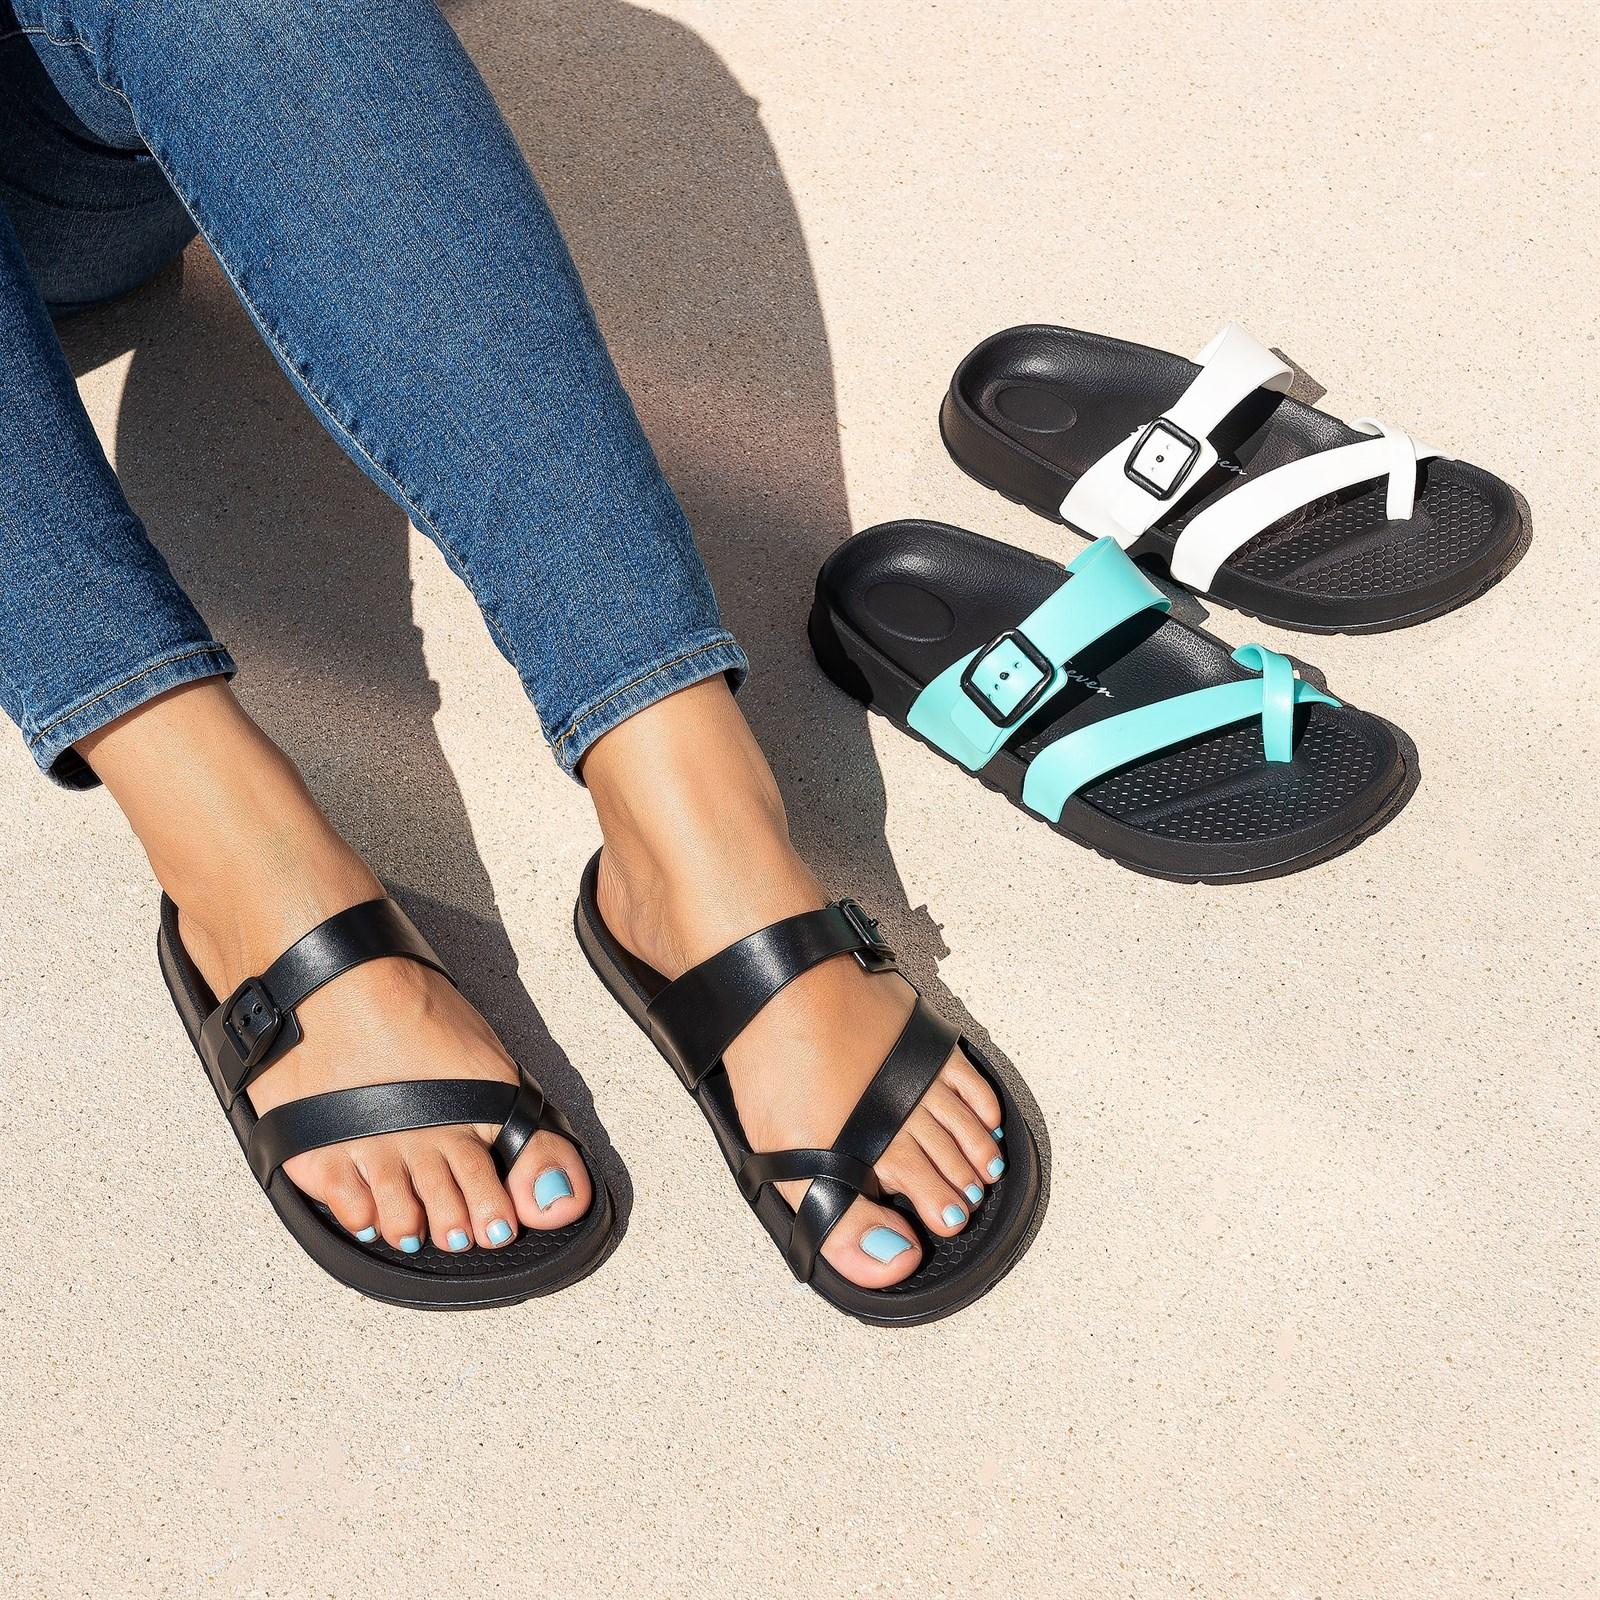 Women's Cross Strap Foam Sandals $17.99 Shipped (Was $40)